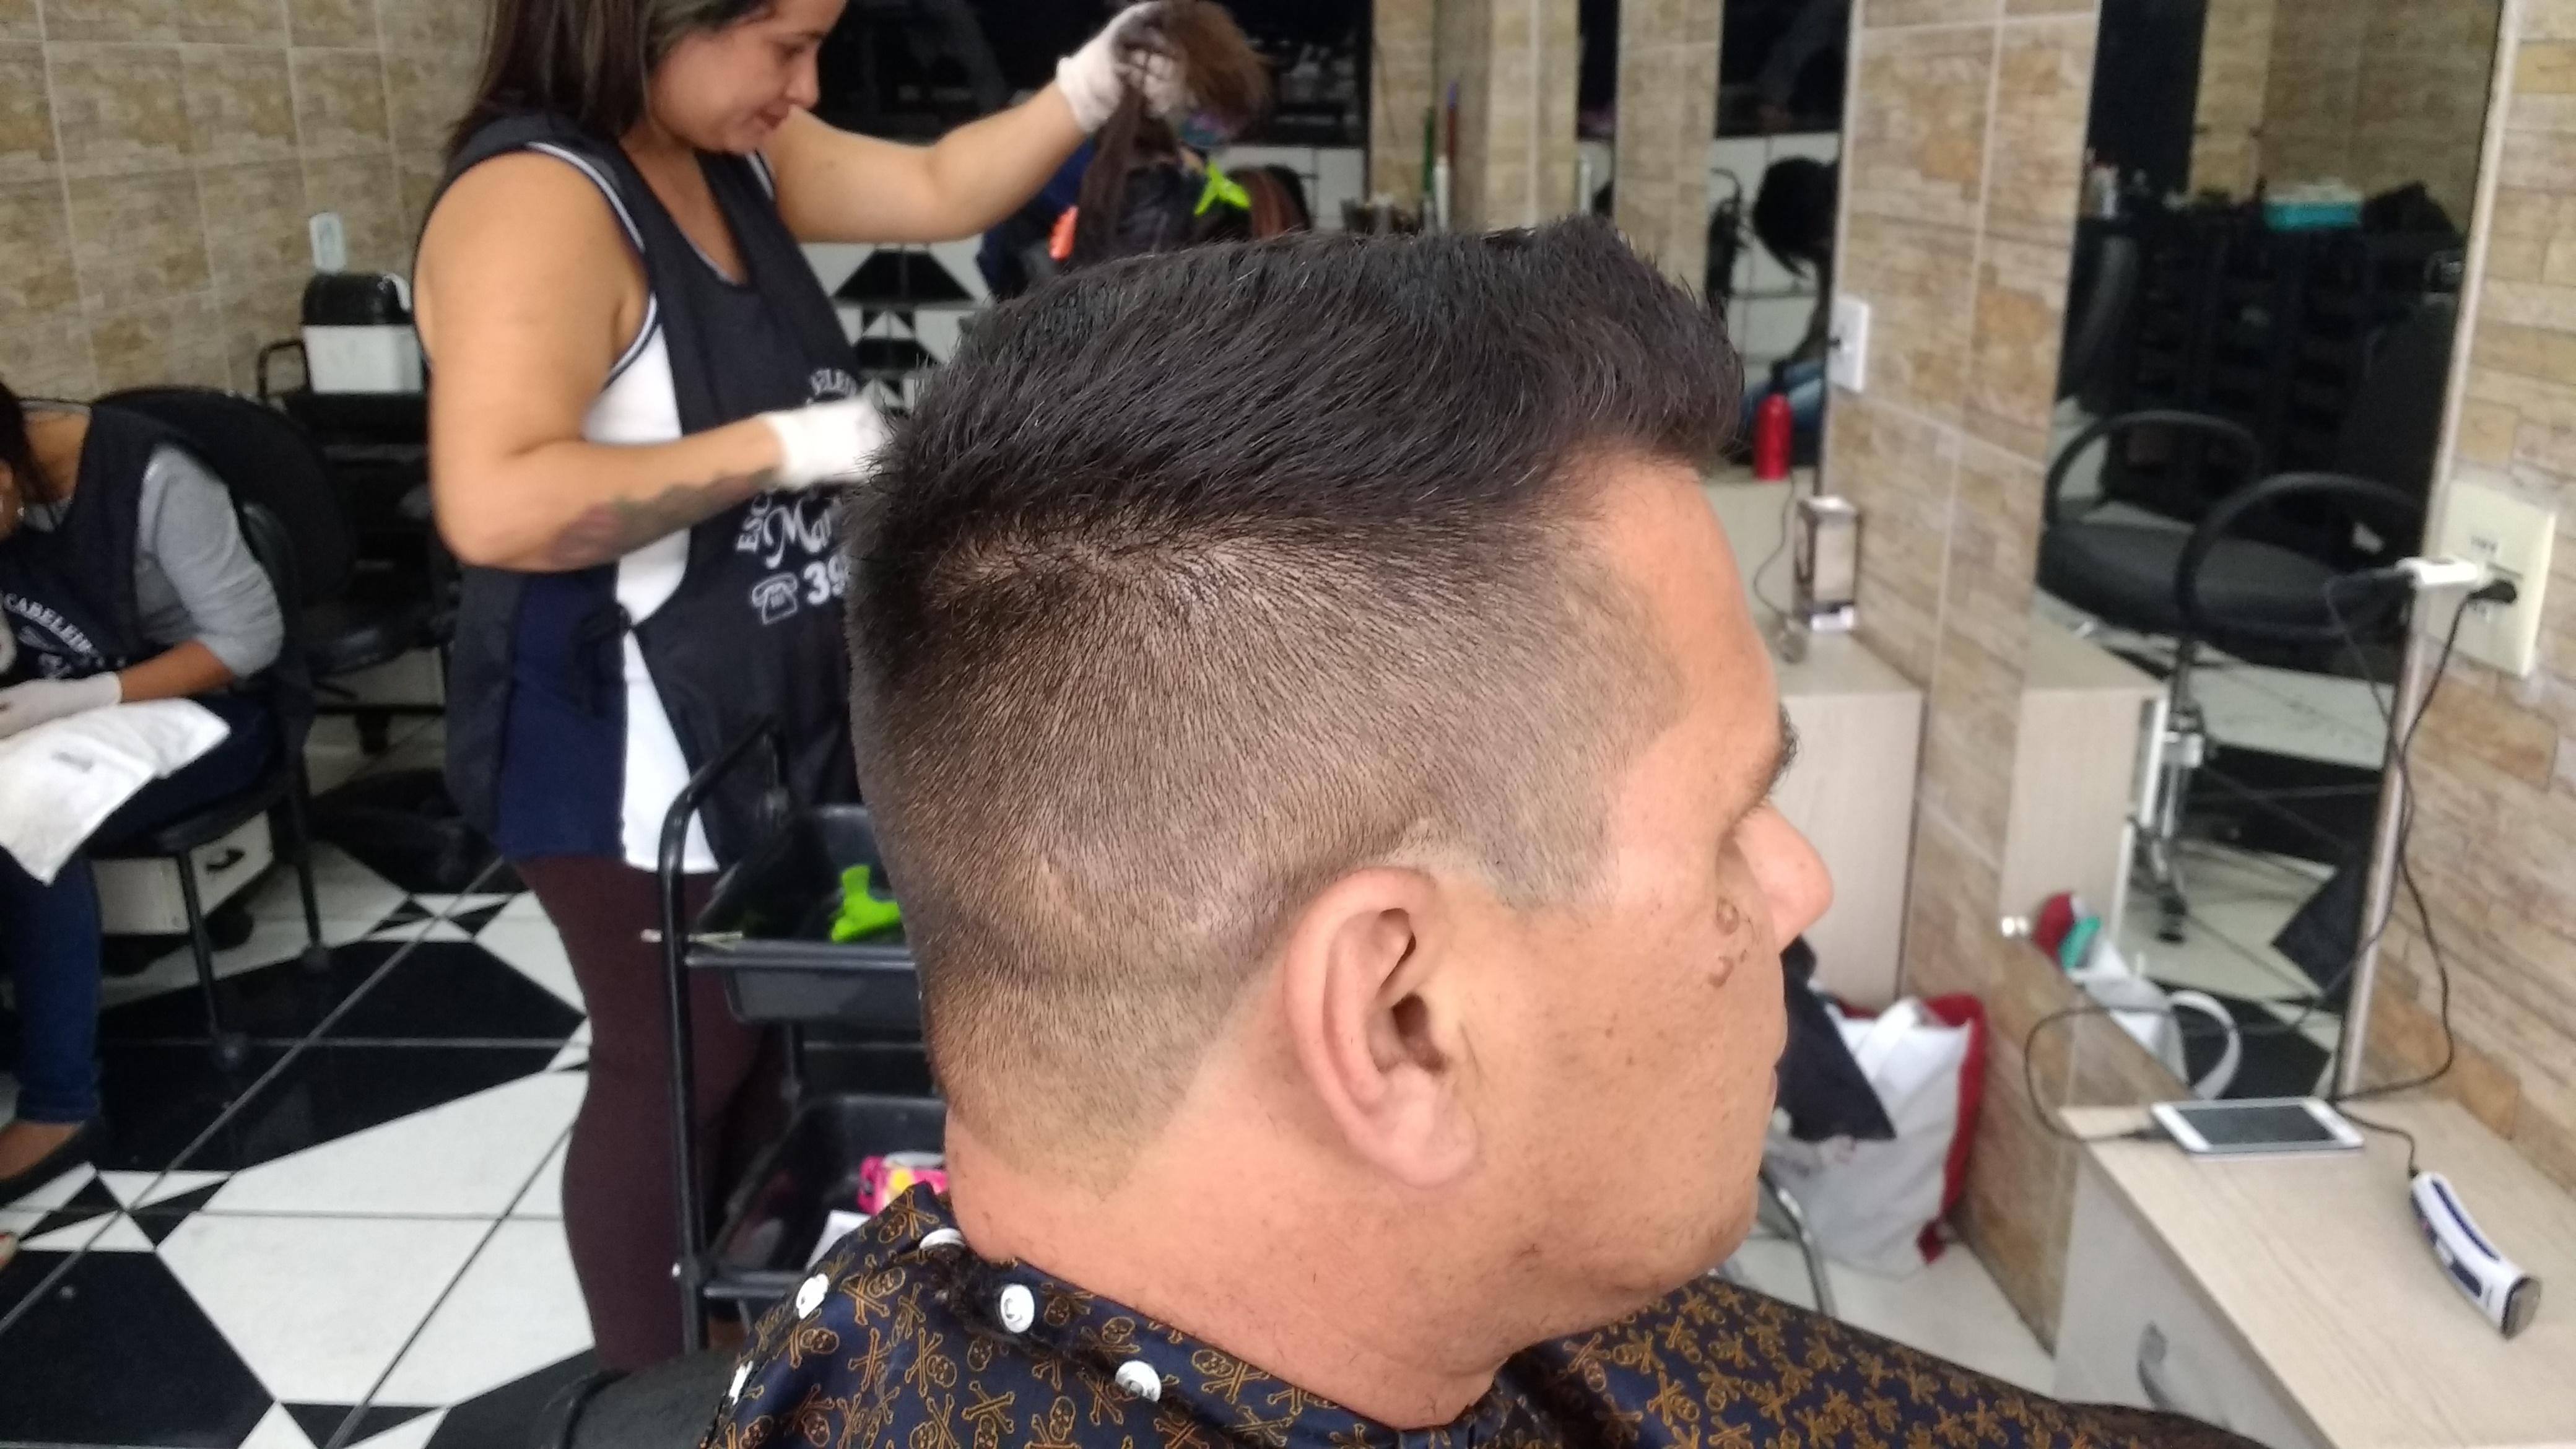 Corte social simples  cabelo barbeiro(a)